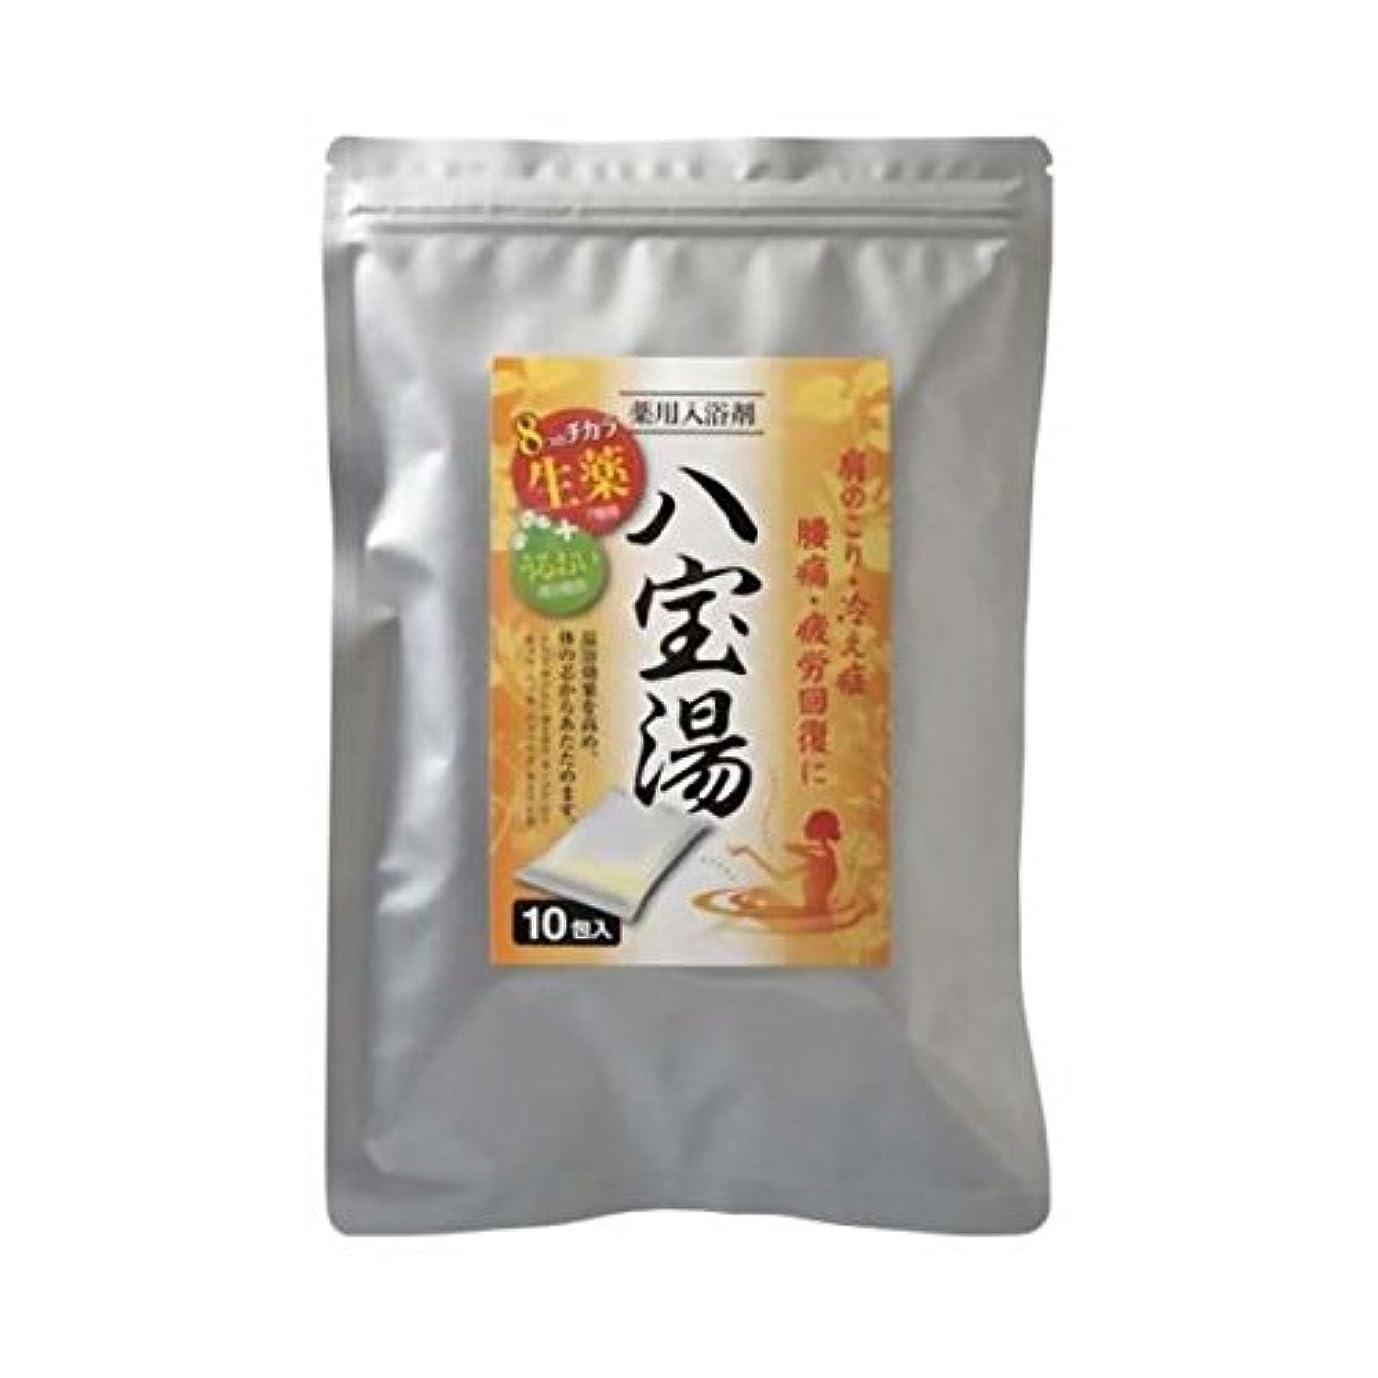 合法海里巨大な【お徳用 3 セット】 薬用入浴剤 八宝湯 カモミールの香り 10包×3セット